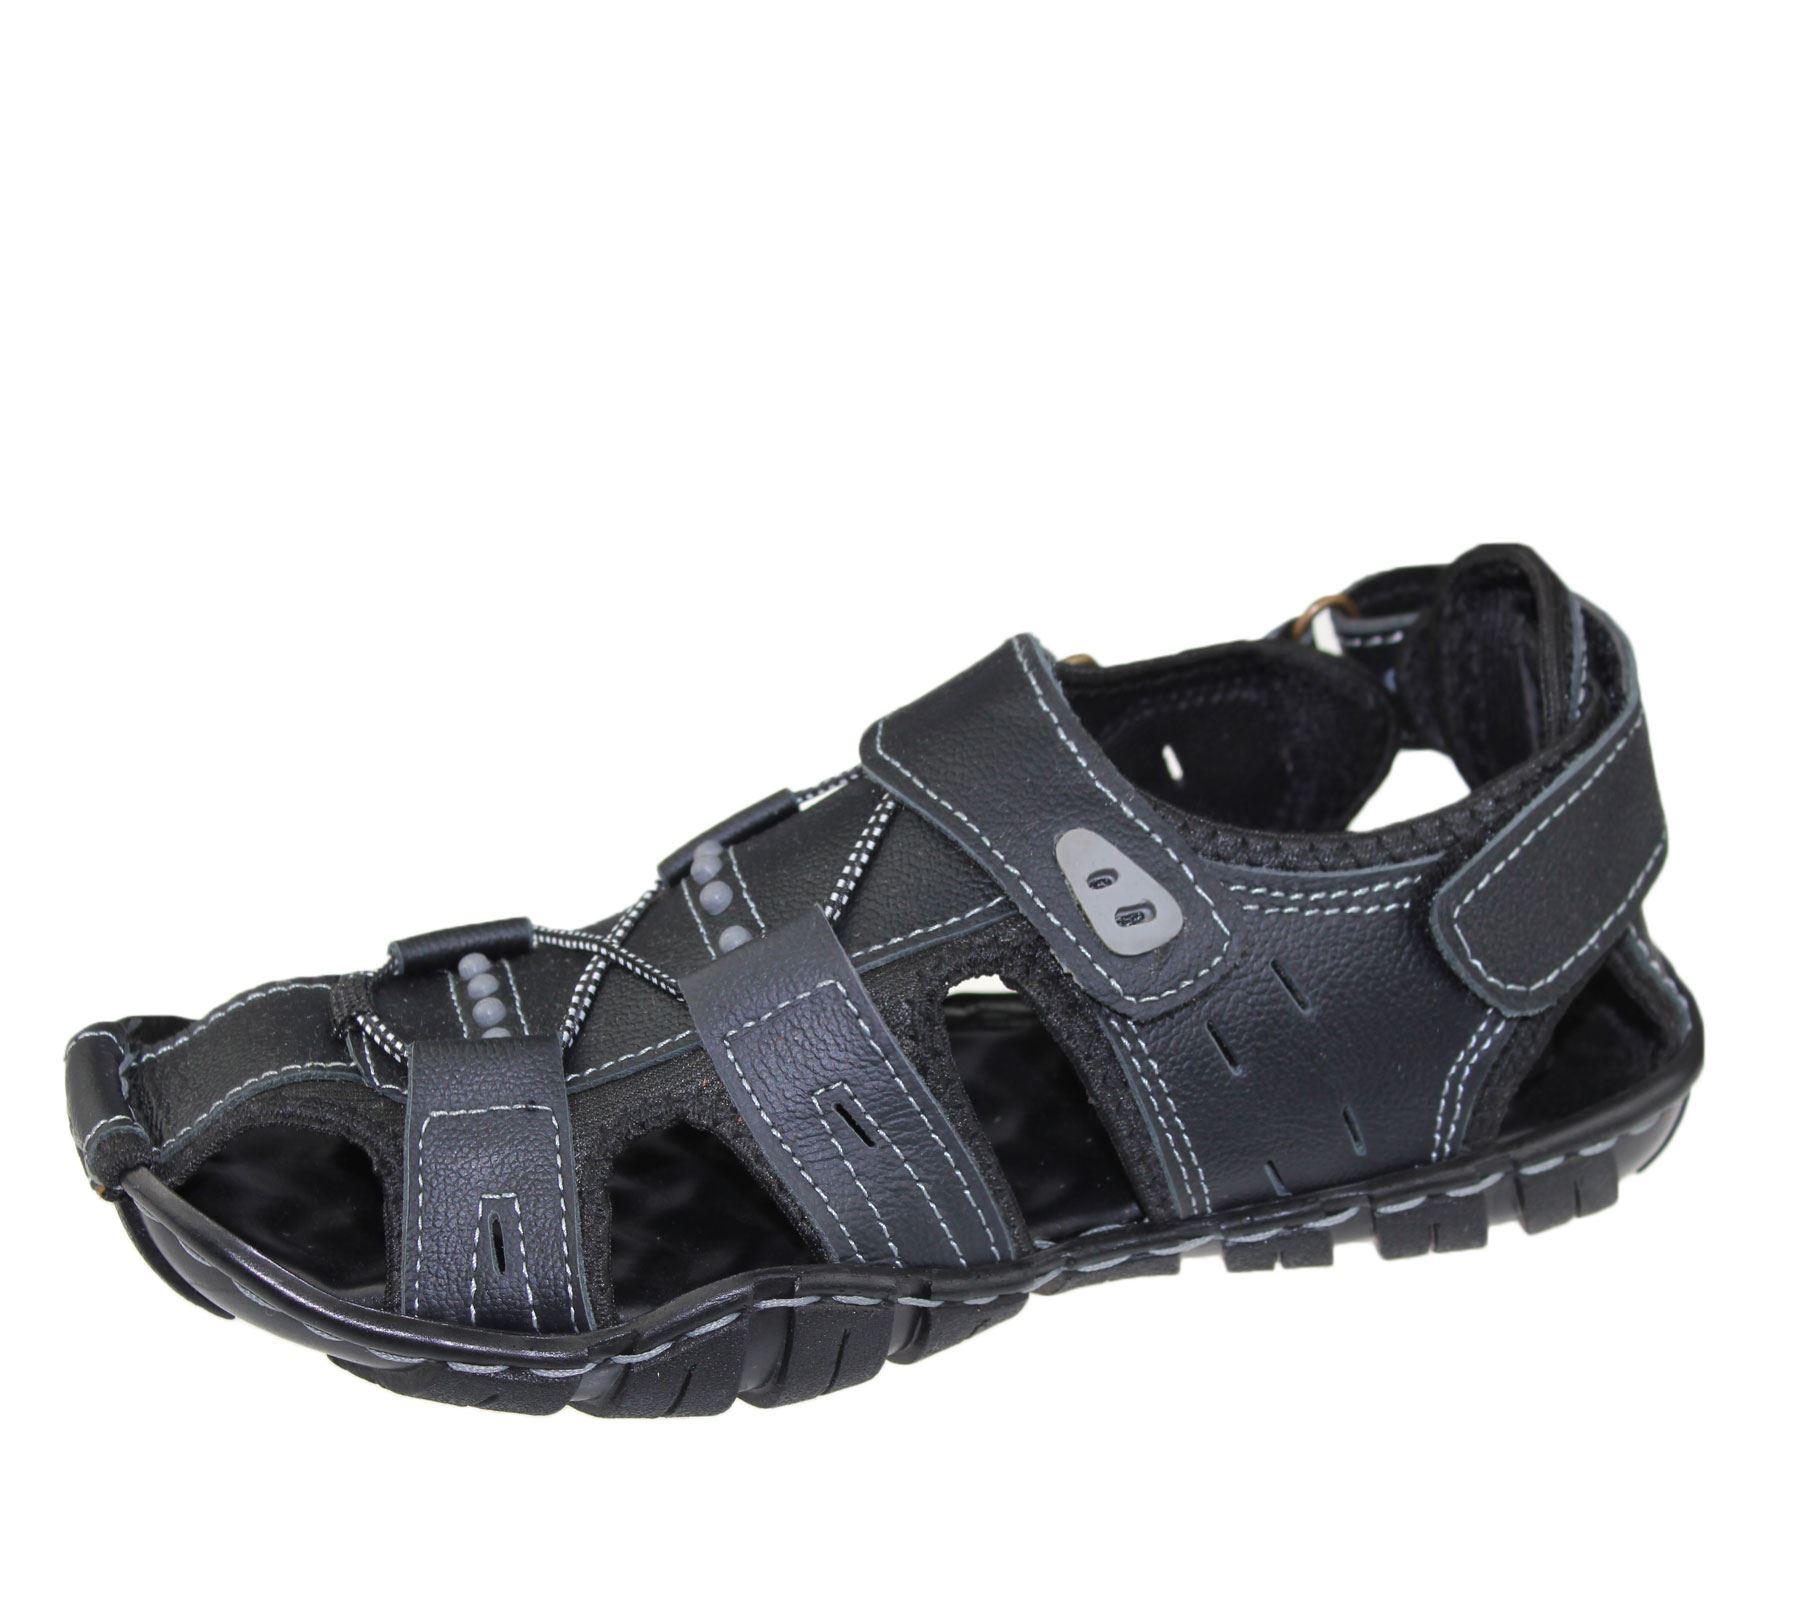 Mens-Sandal-Beach-Buckle-Walking-Fashion-Summer-Casual-Slipper miniatura 8